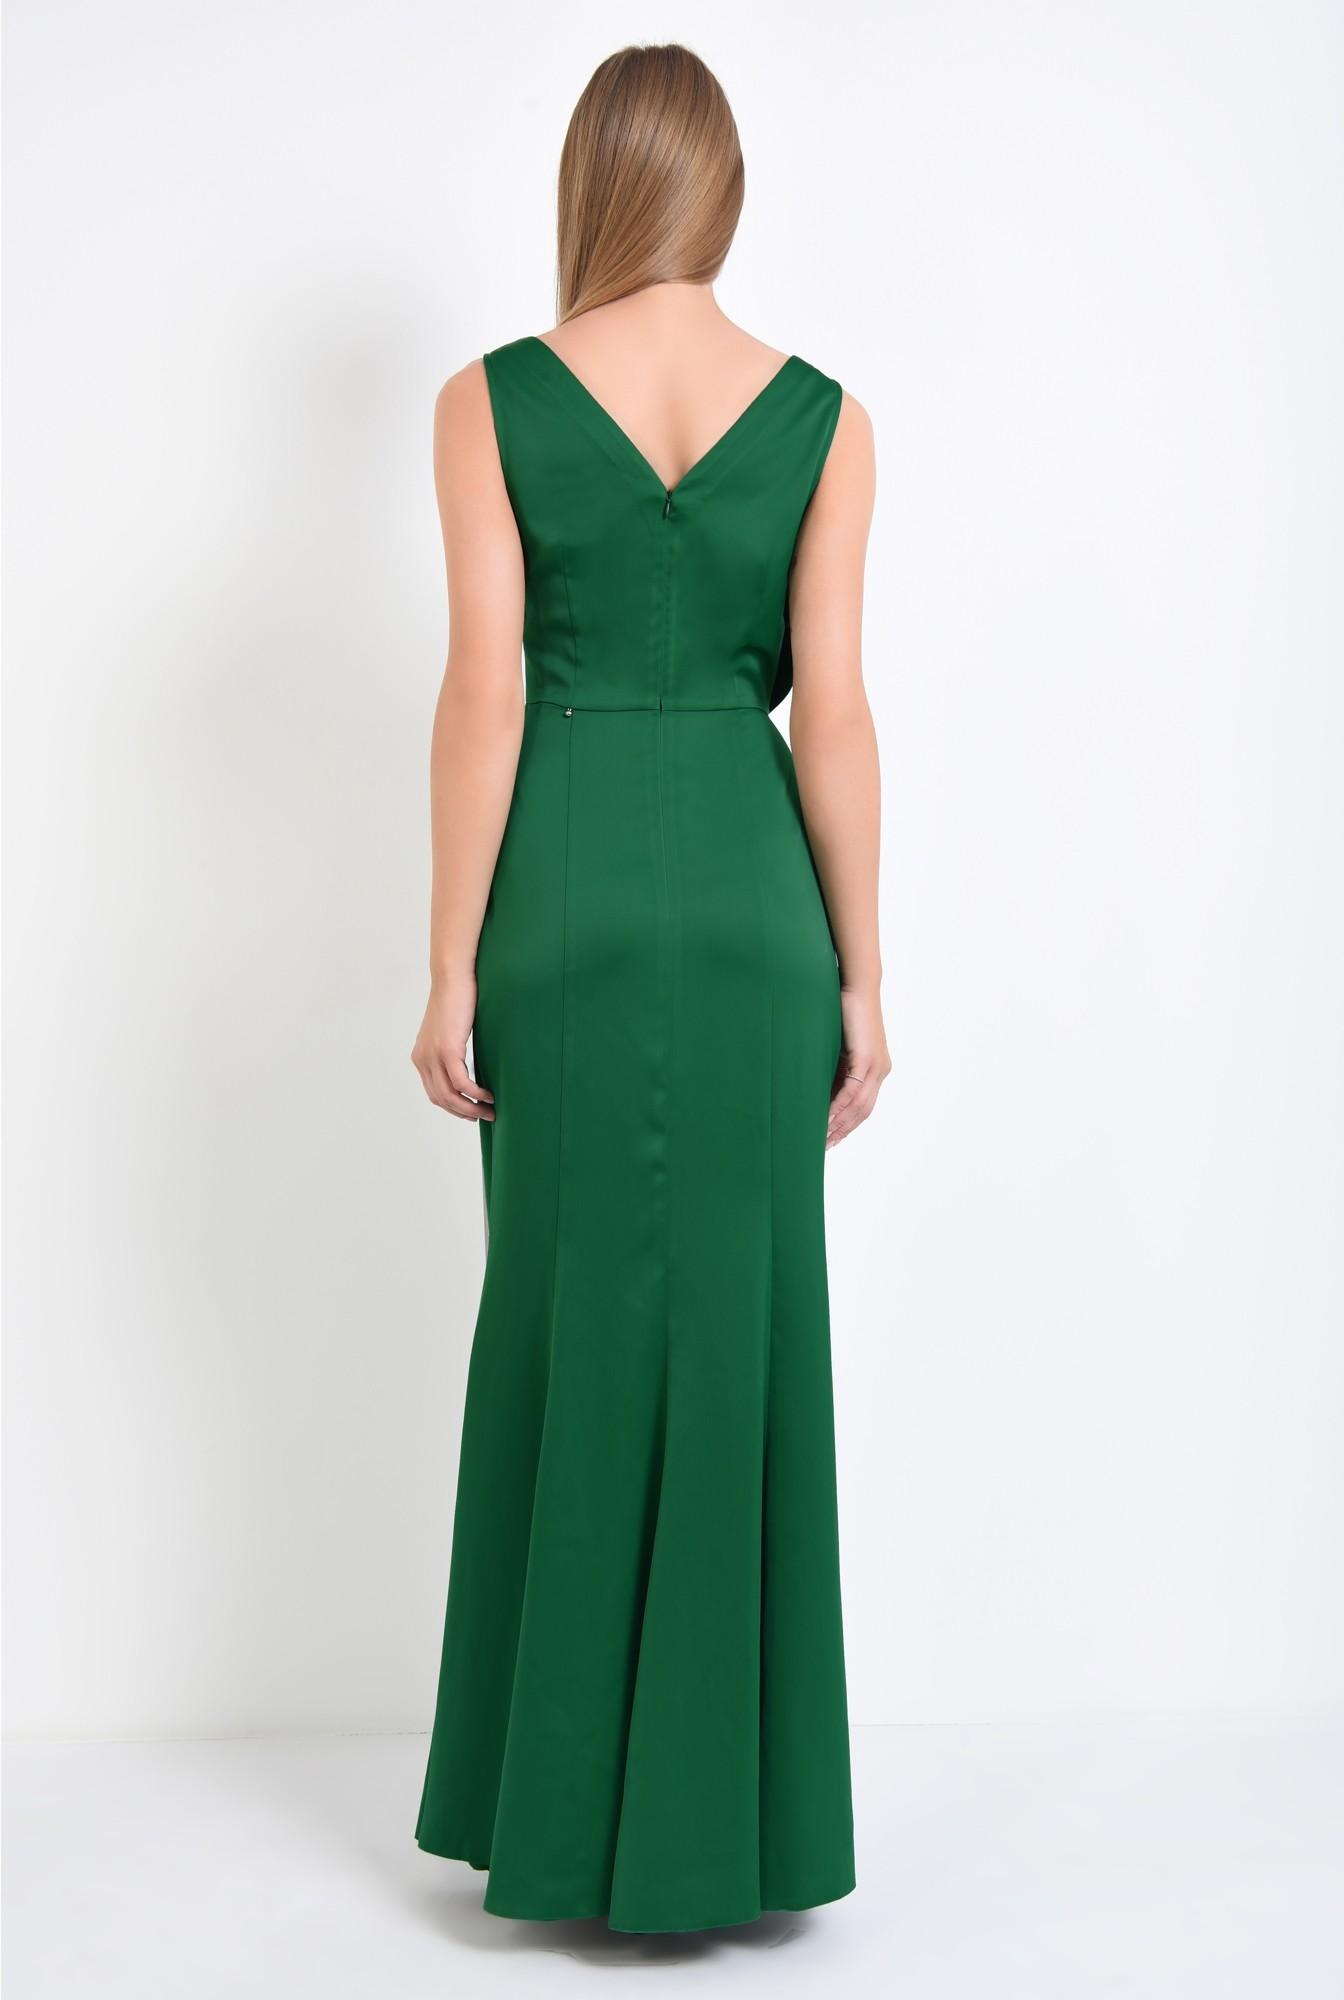 1 - rochie de ocazie, verde, satin, parte peste parte, funda supradimensionata